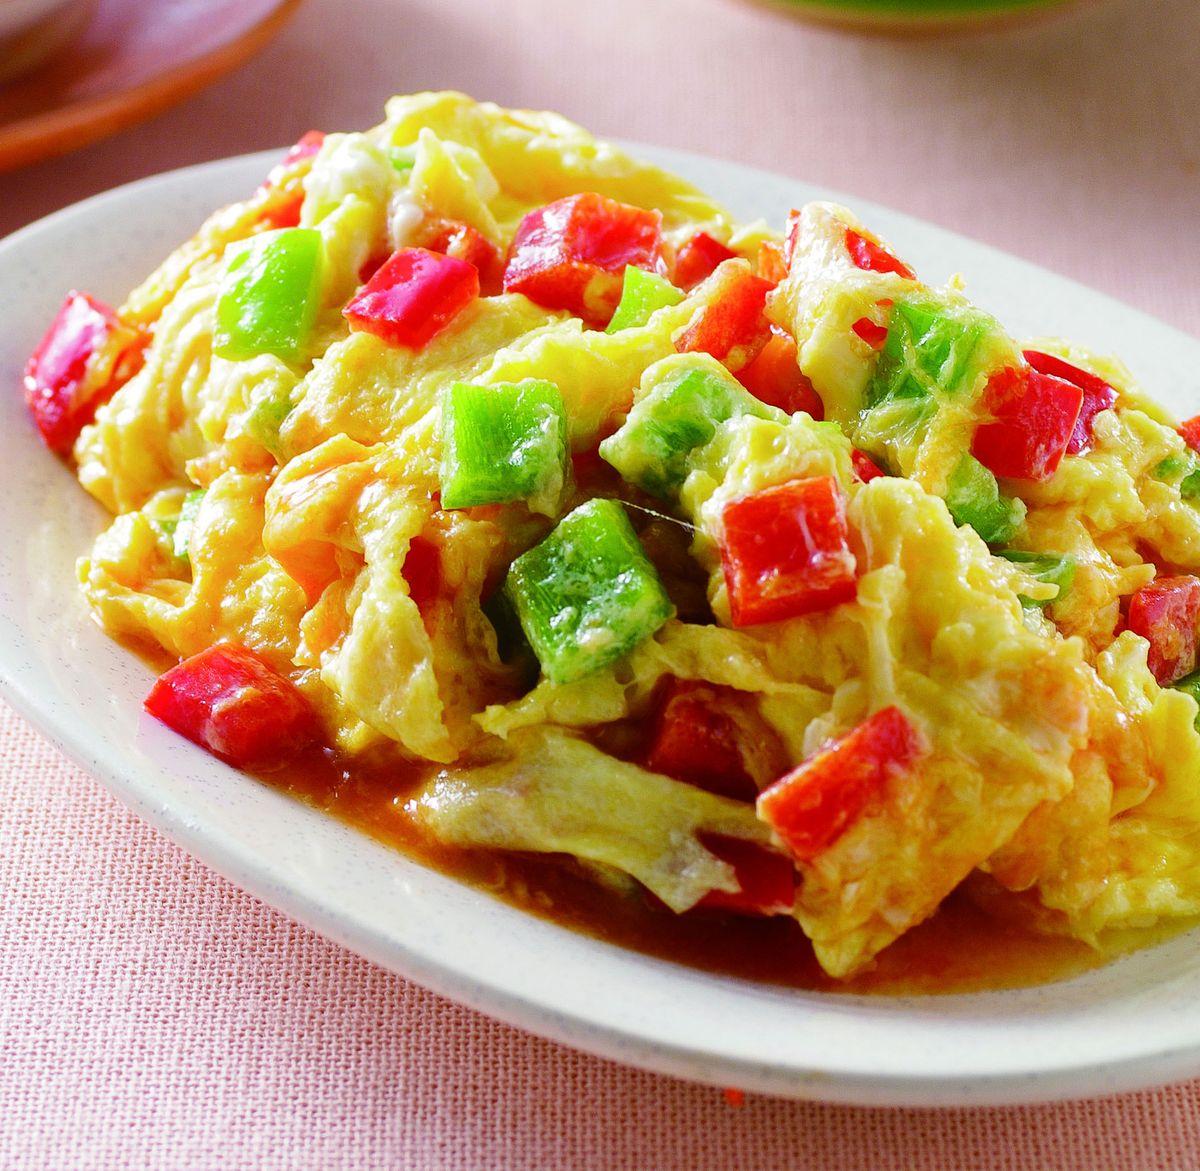 食譜:甜椒炒蛋